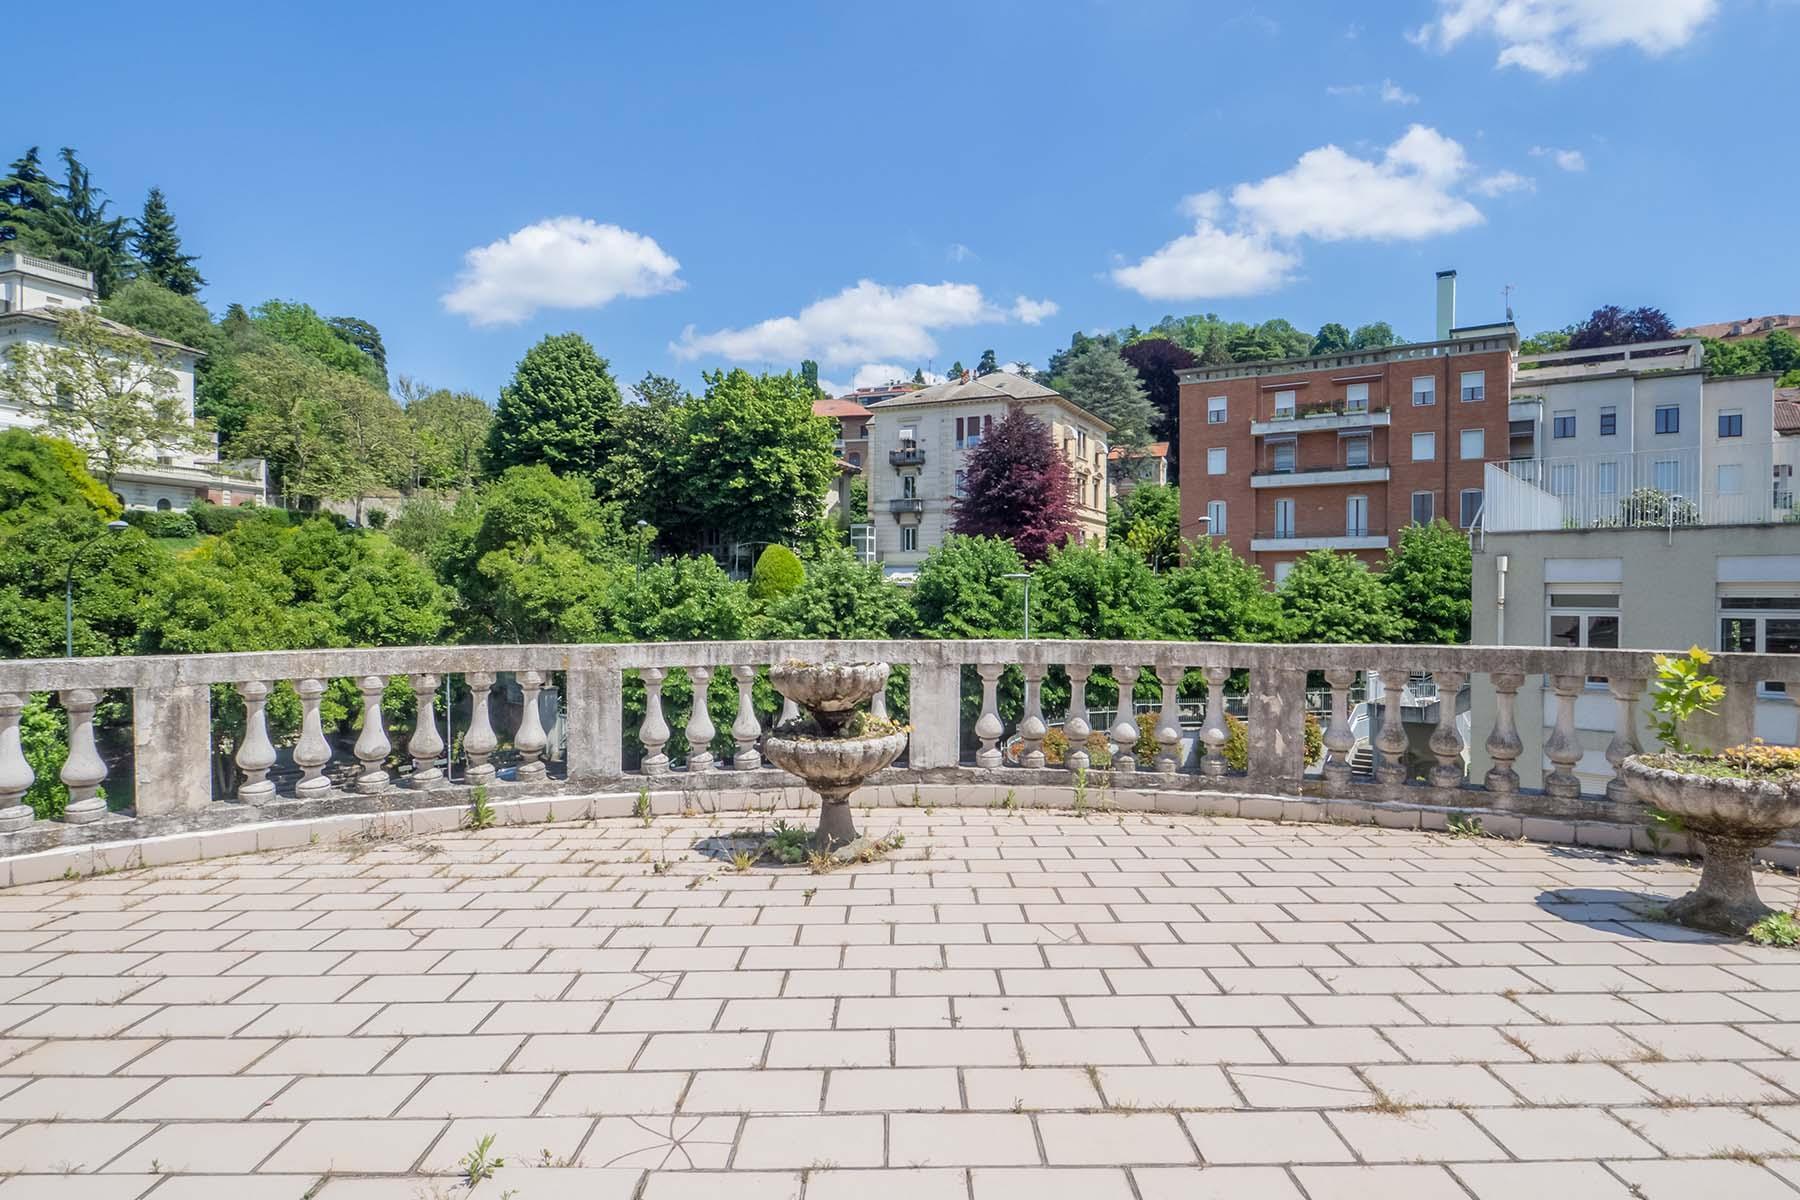 Charmante Penthouse mit Terrassen im Crimea Stadtviertel - 3